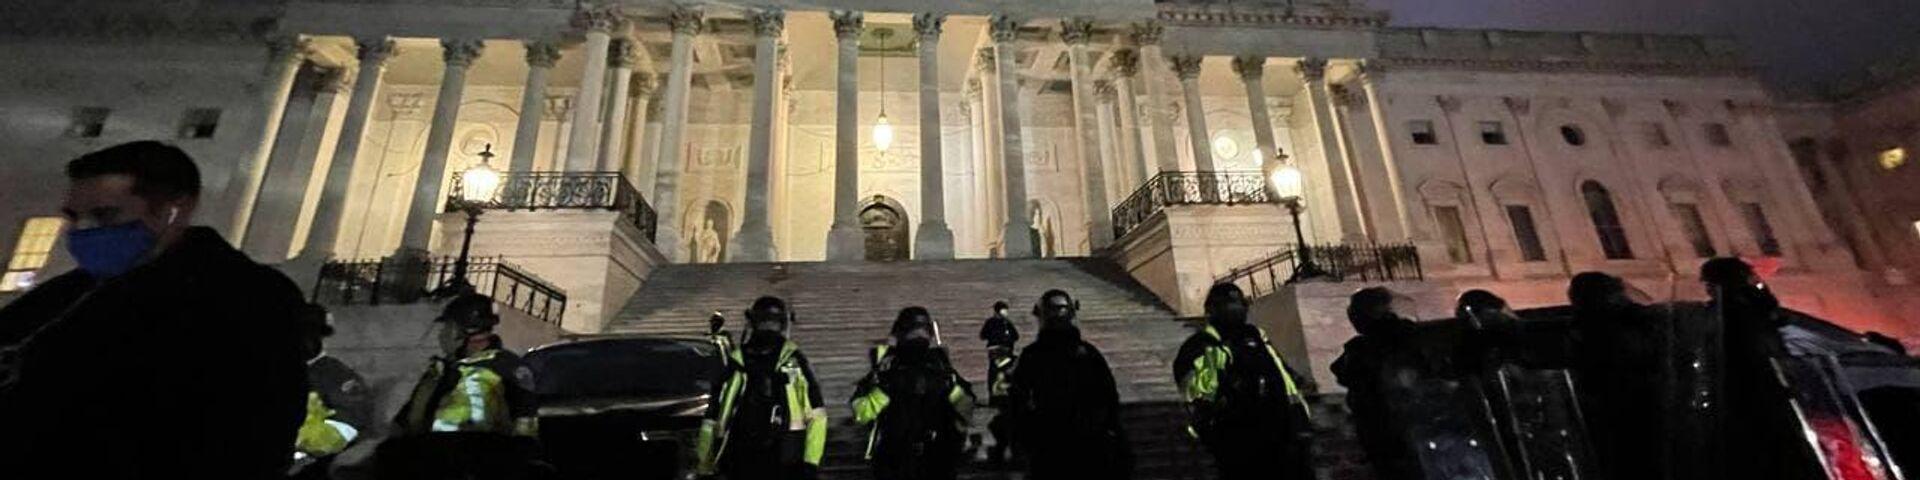 Полиция у здания Капитолия в Вашингтоне - РИА Новости, 1920, 06.01.2021